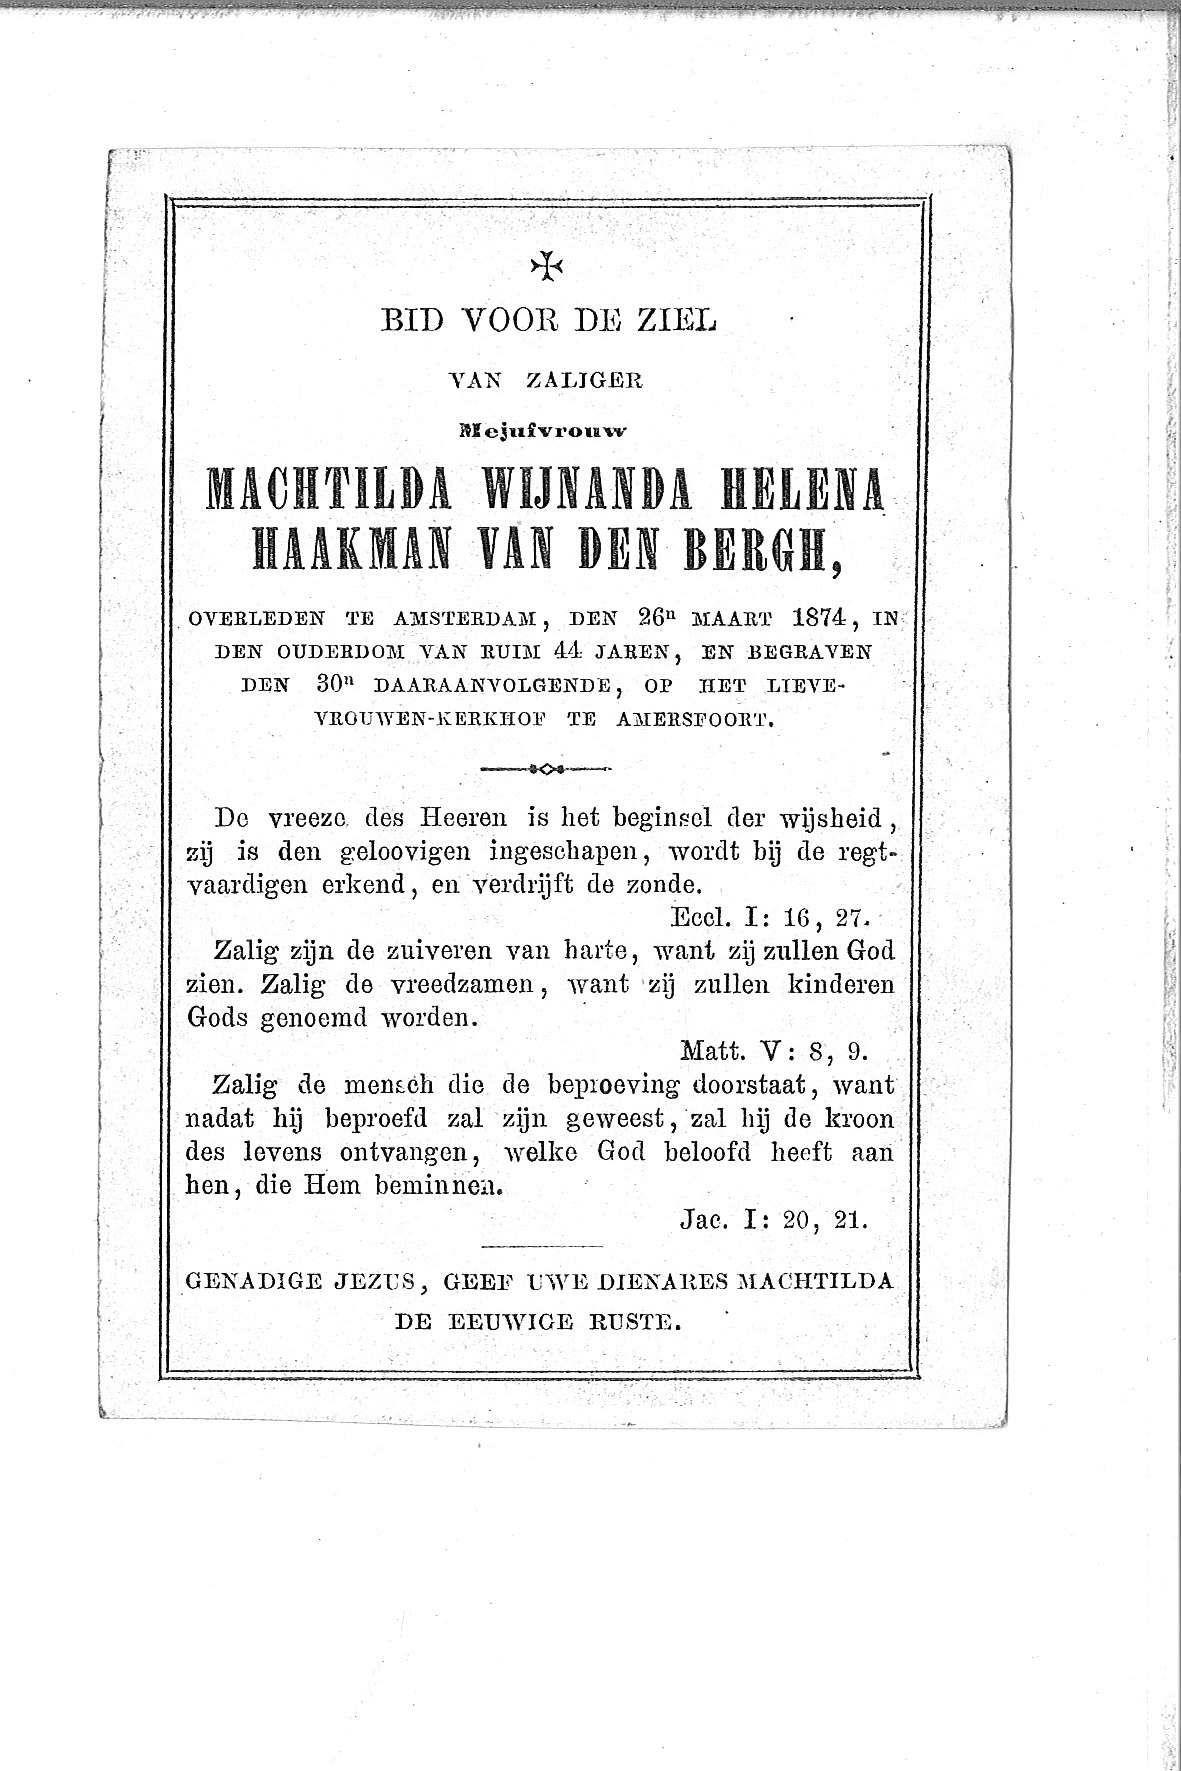 Machtilda-Wijnanda-Helena-(1874)-20121116115219_00006.jpg